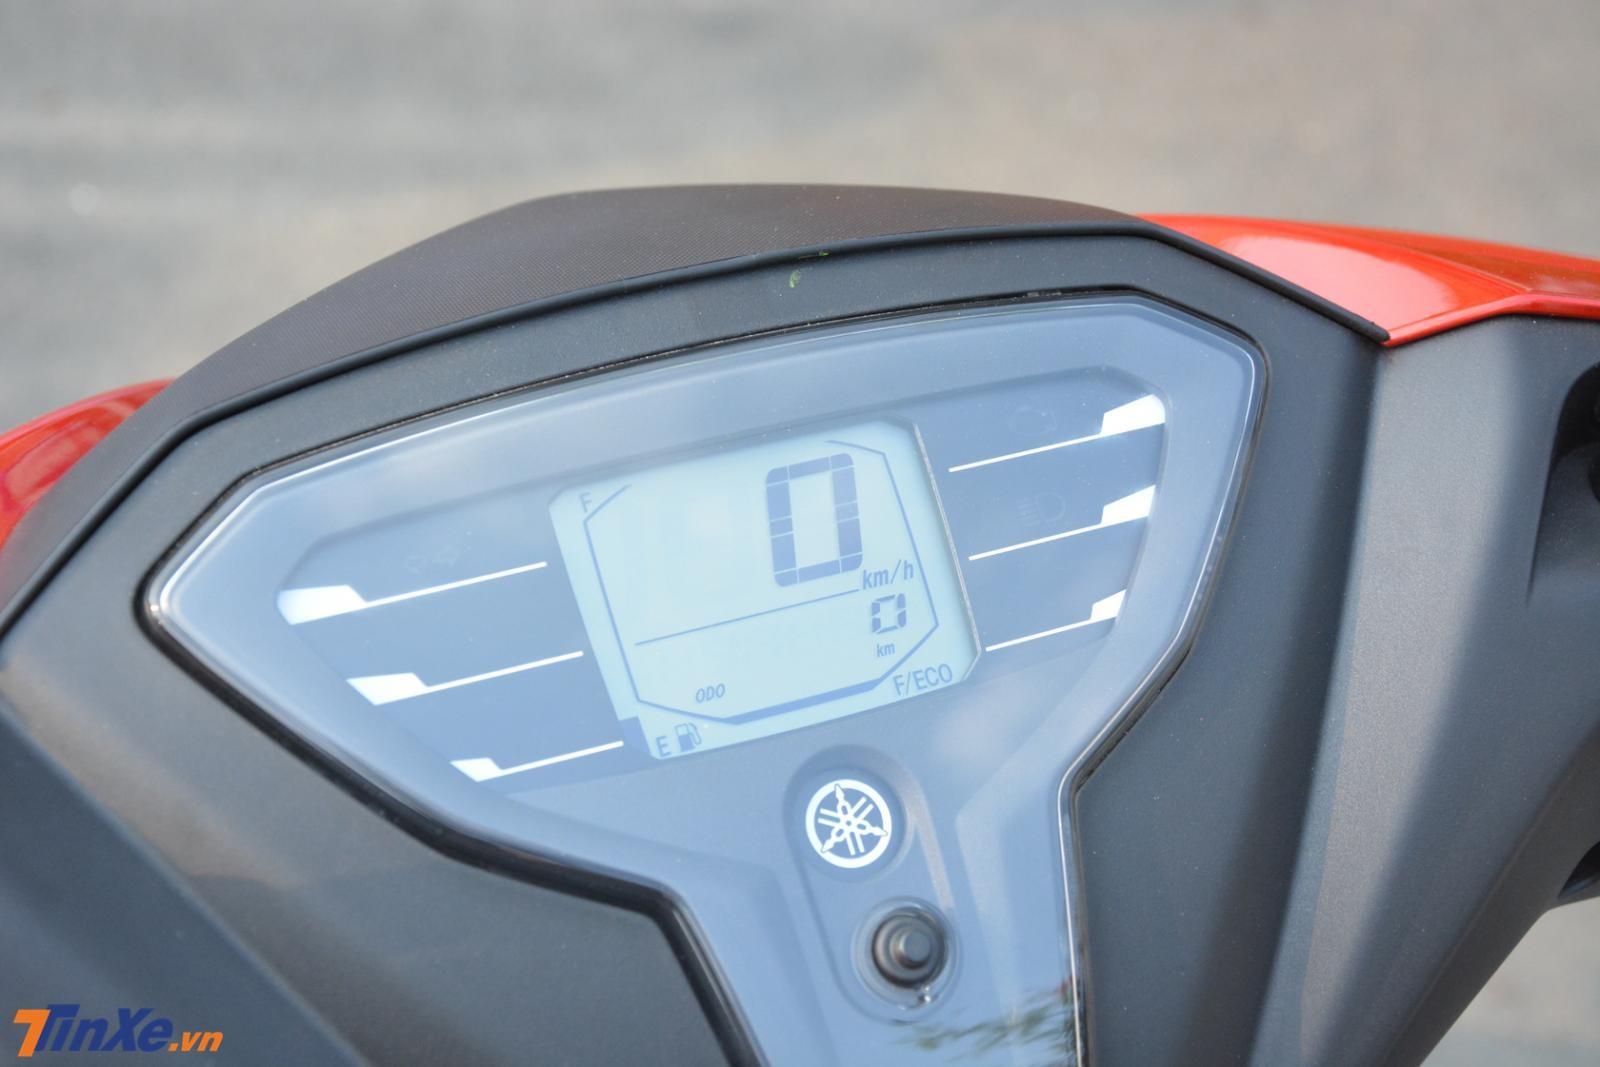 Đồng hồ LCD đơn sắc của Yamaha FreeGo